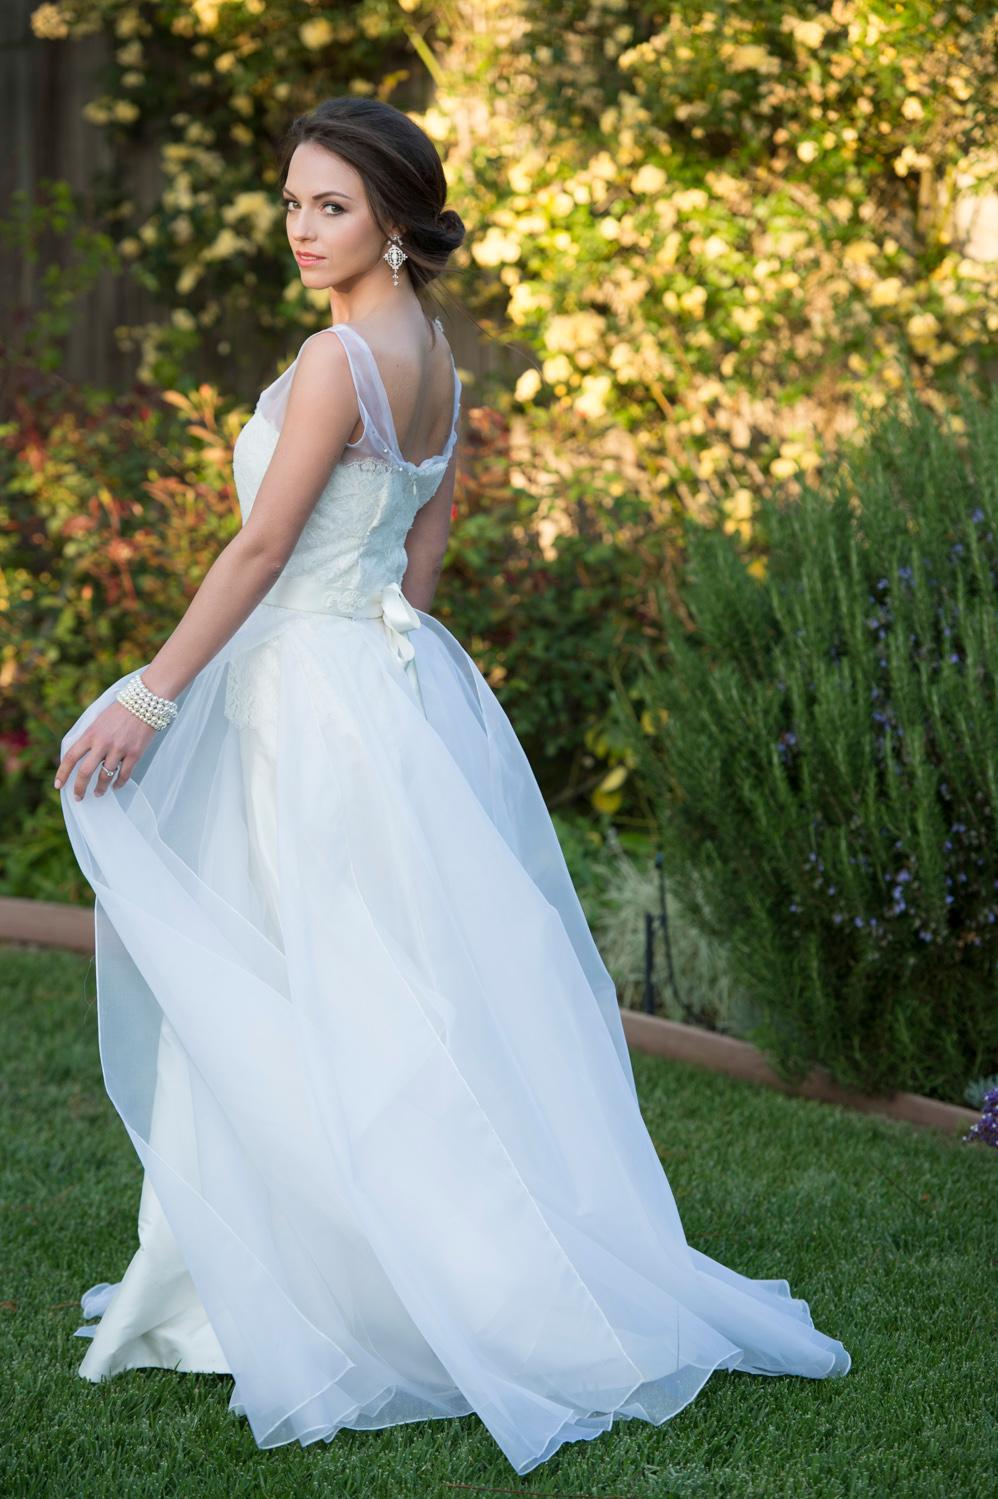 Bridal Fashion Photograhy 011.jpg